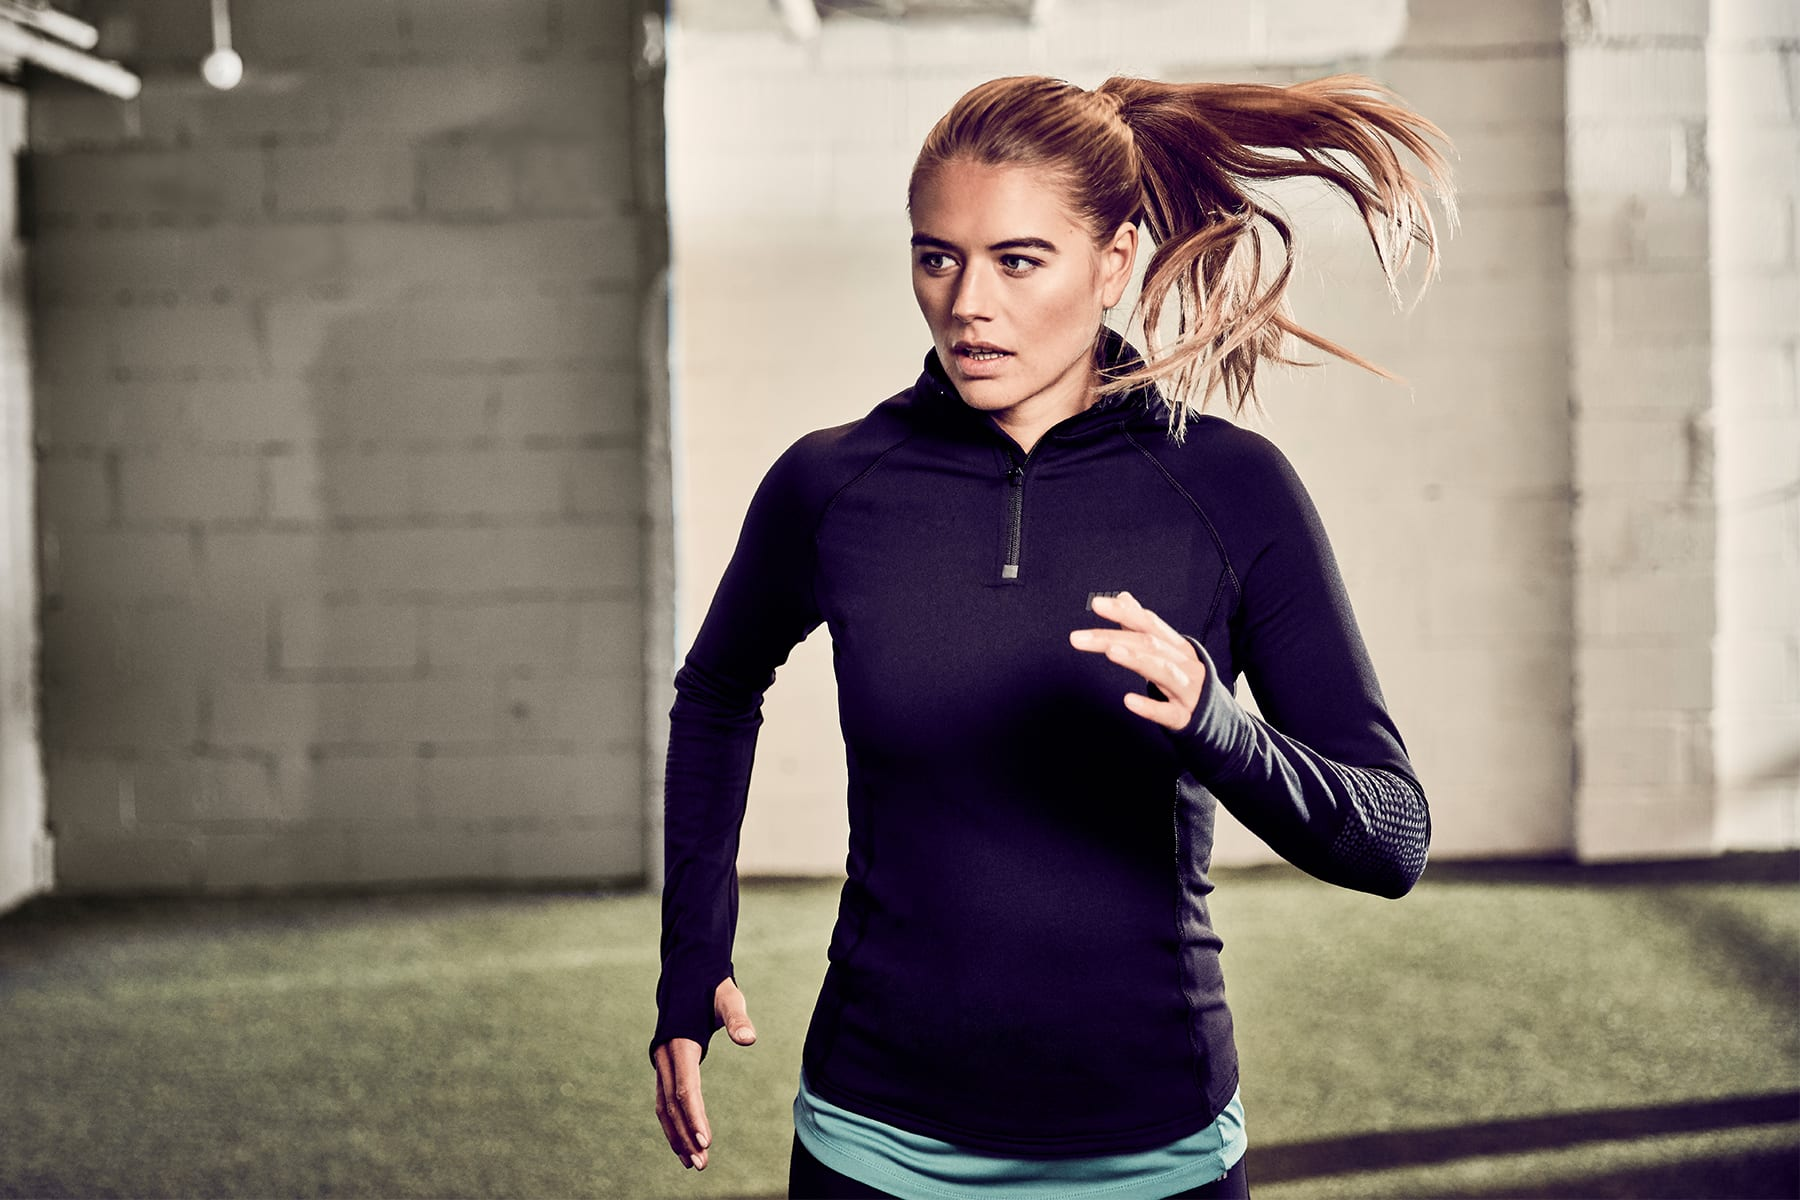 Running - futás